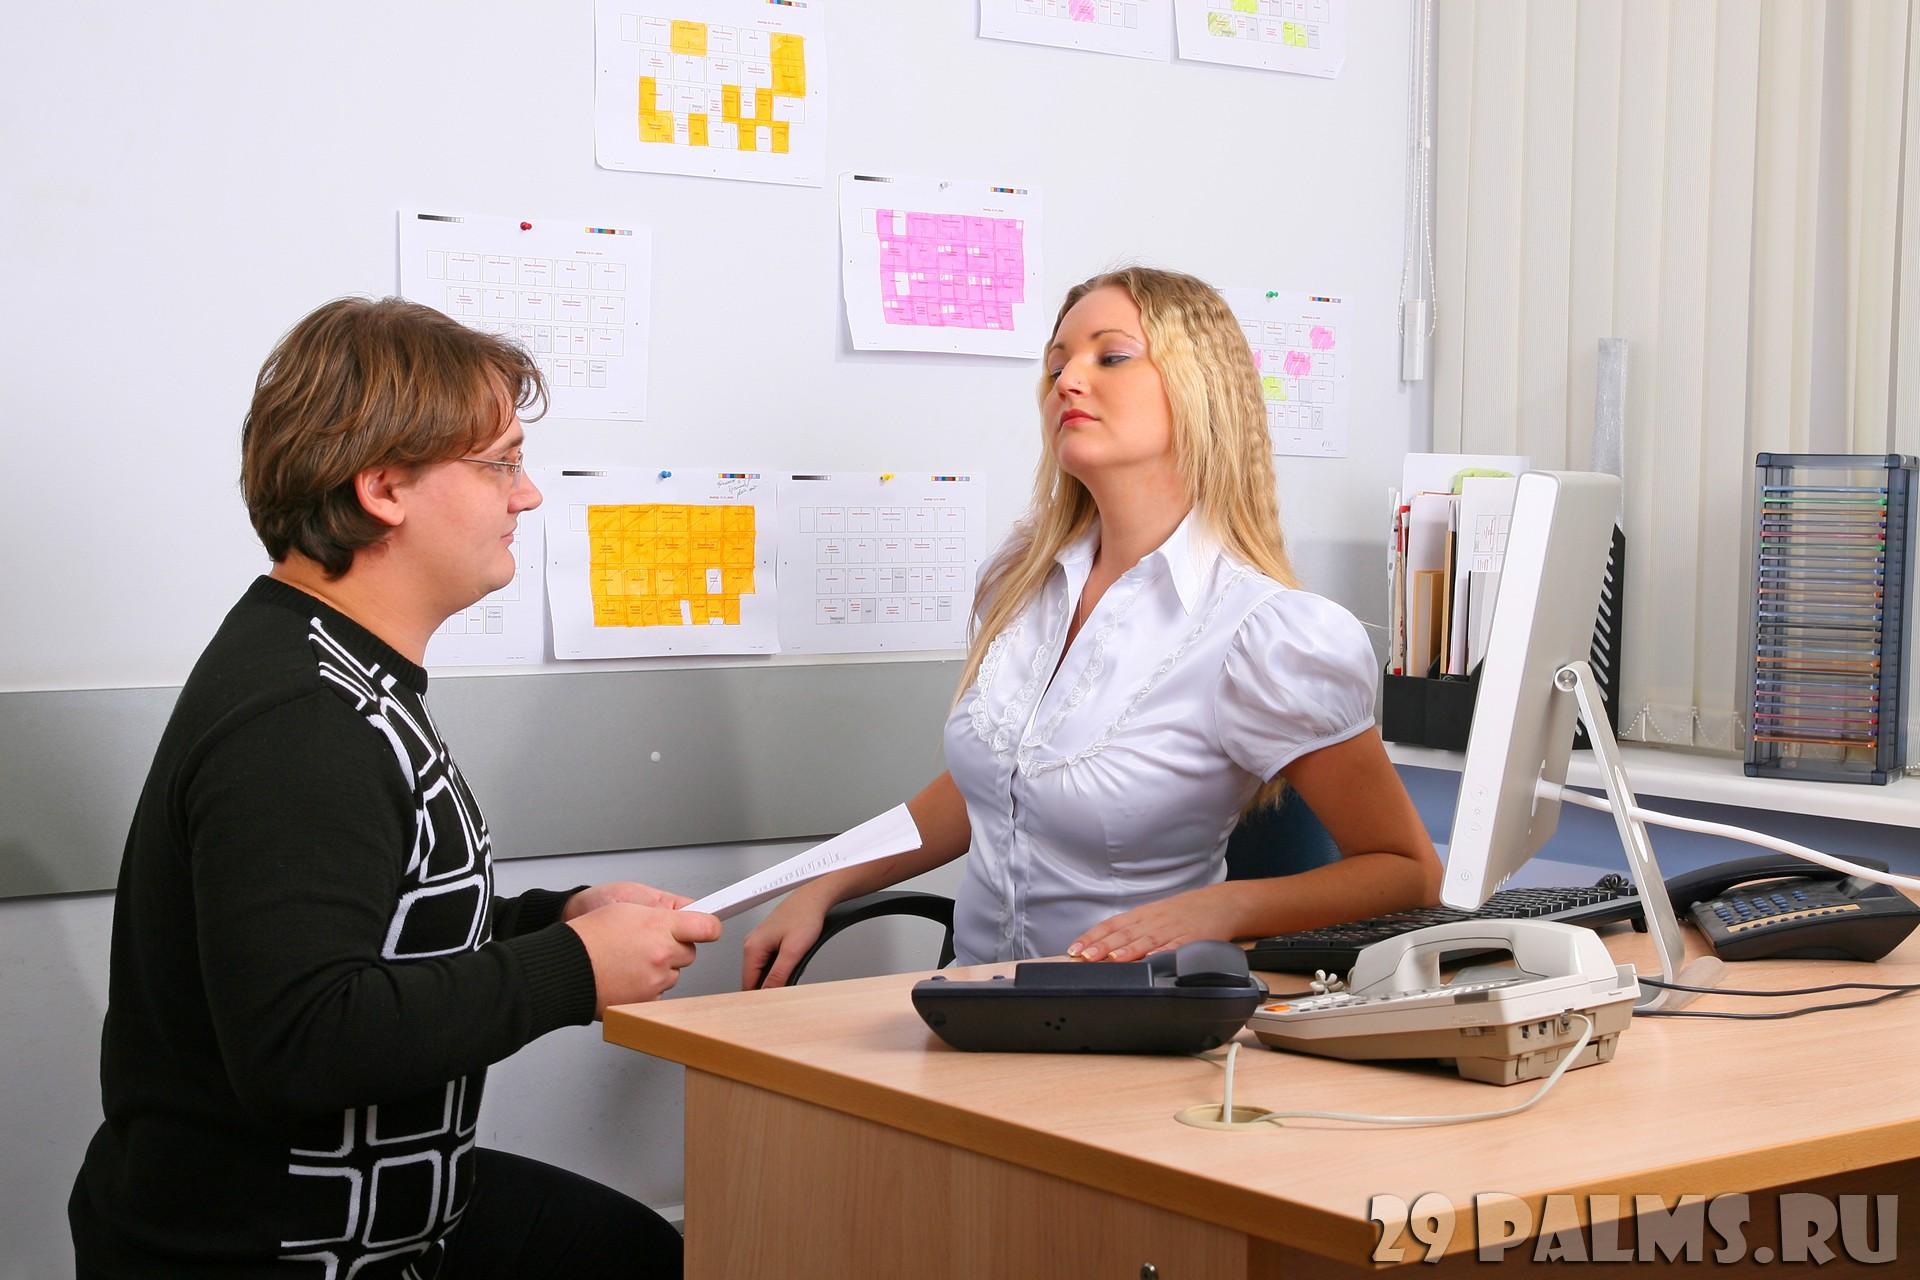 Фото начальник воспитывает сотрудницу 2 фотография